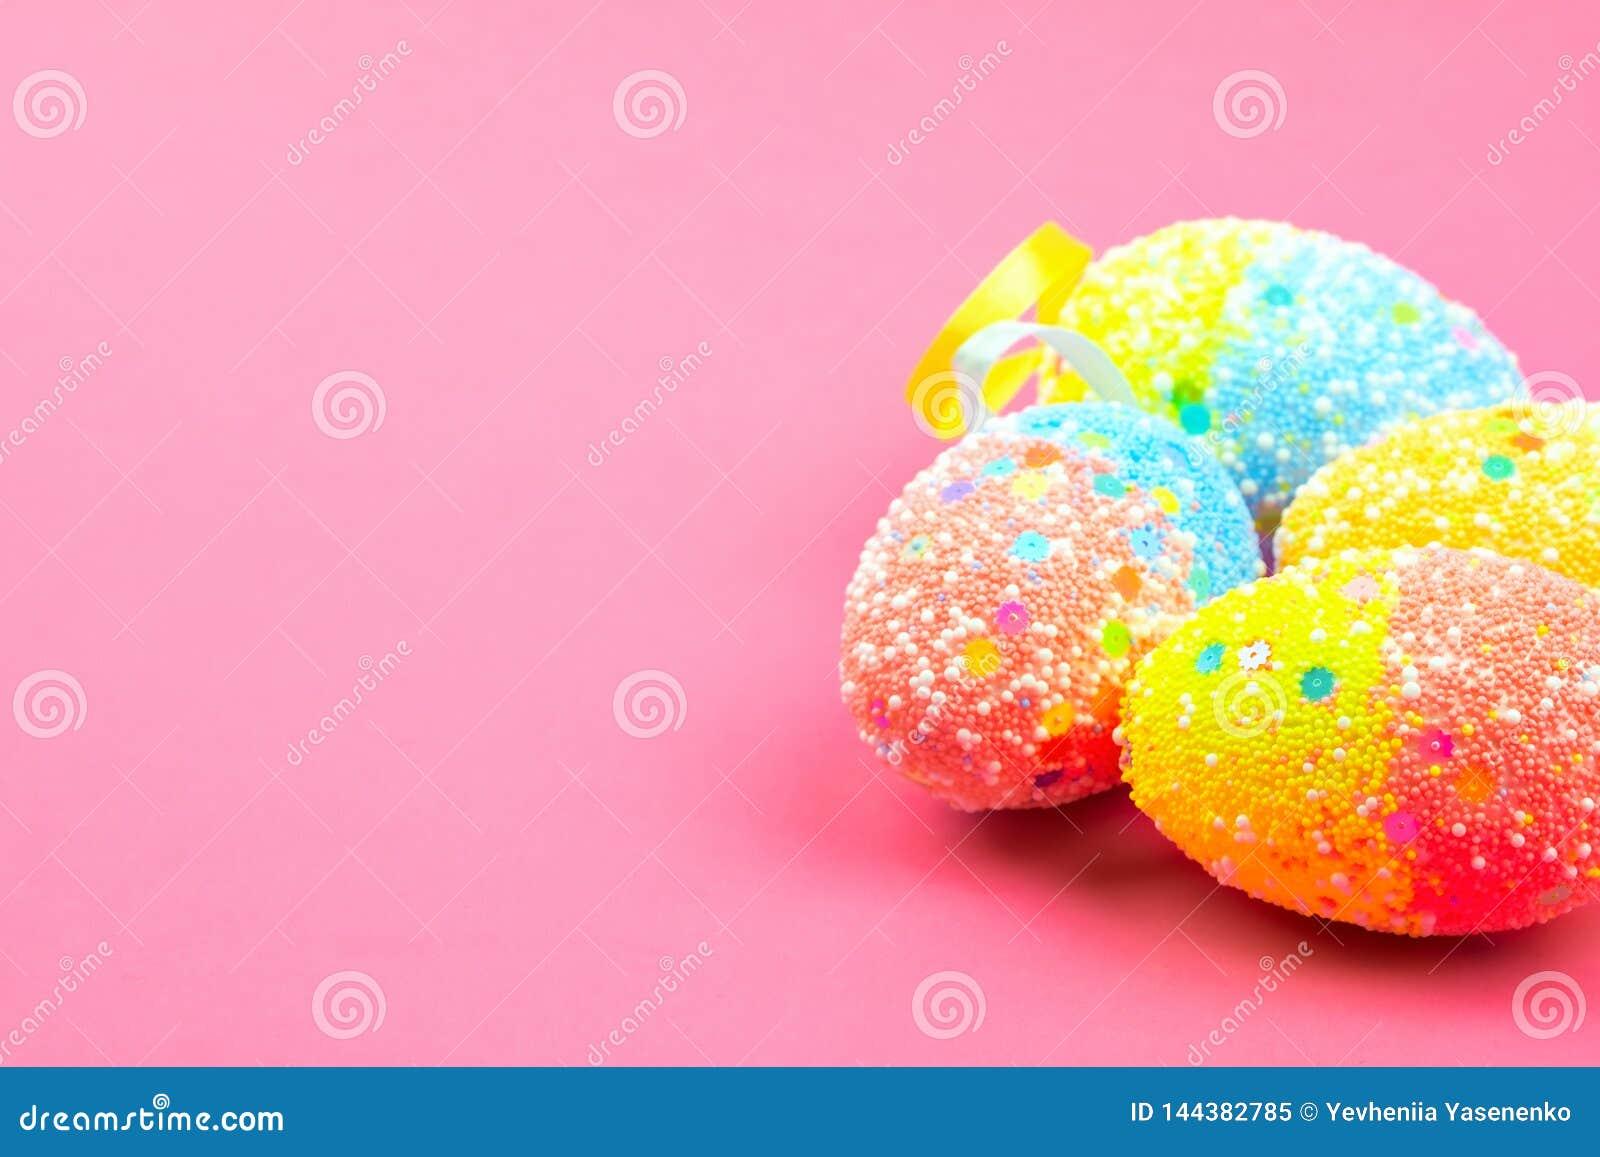 Heel wat kleurrijke paaseieren op een roze achtergrond Plaats voor tekst